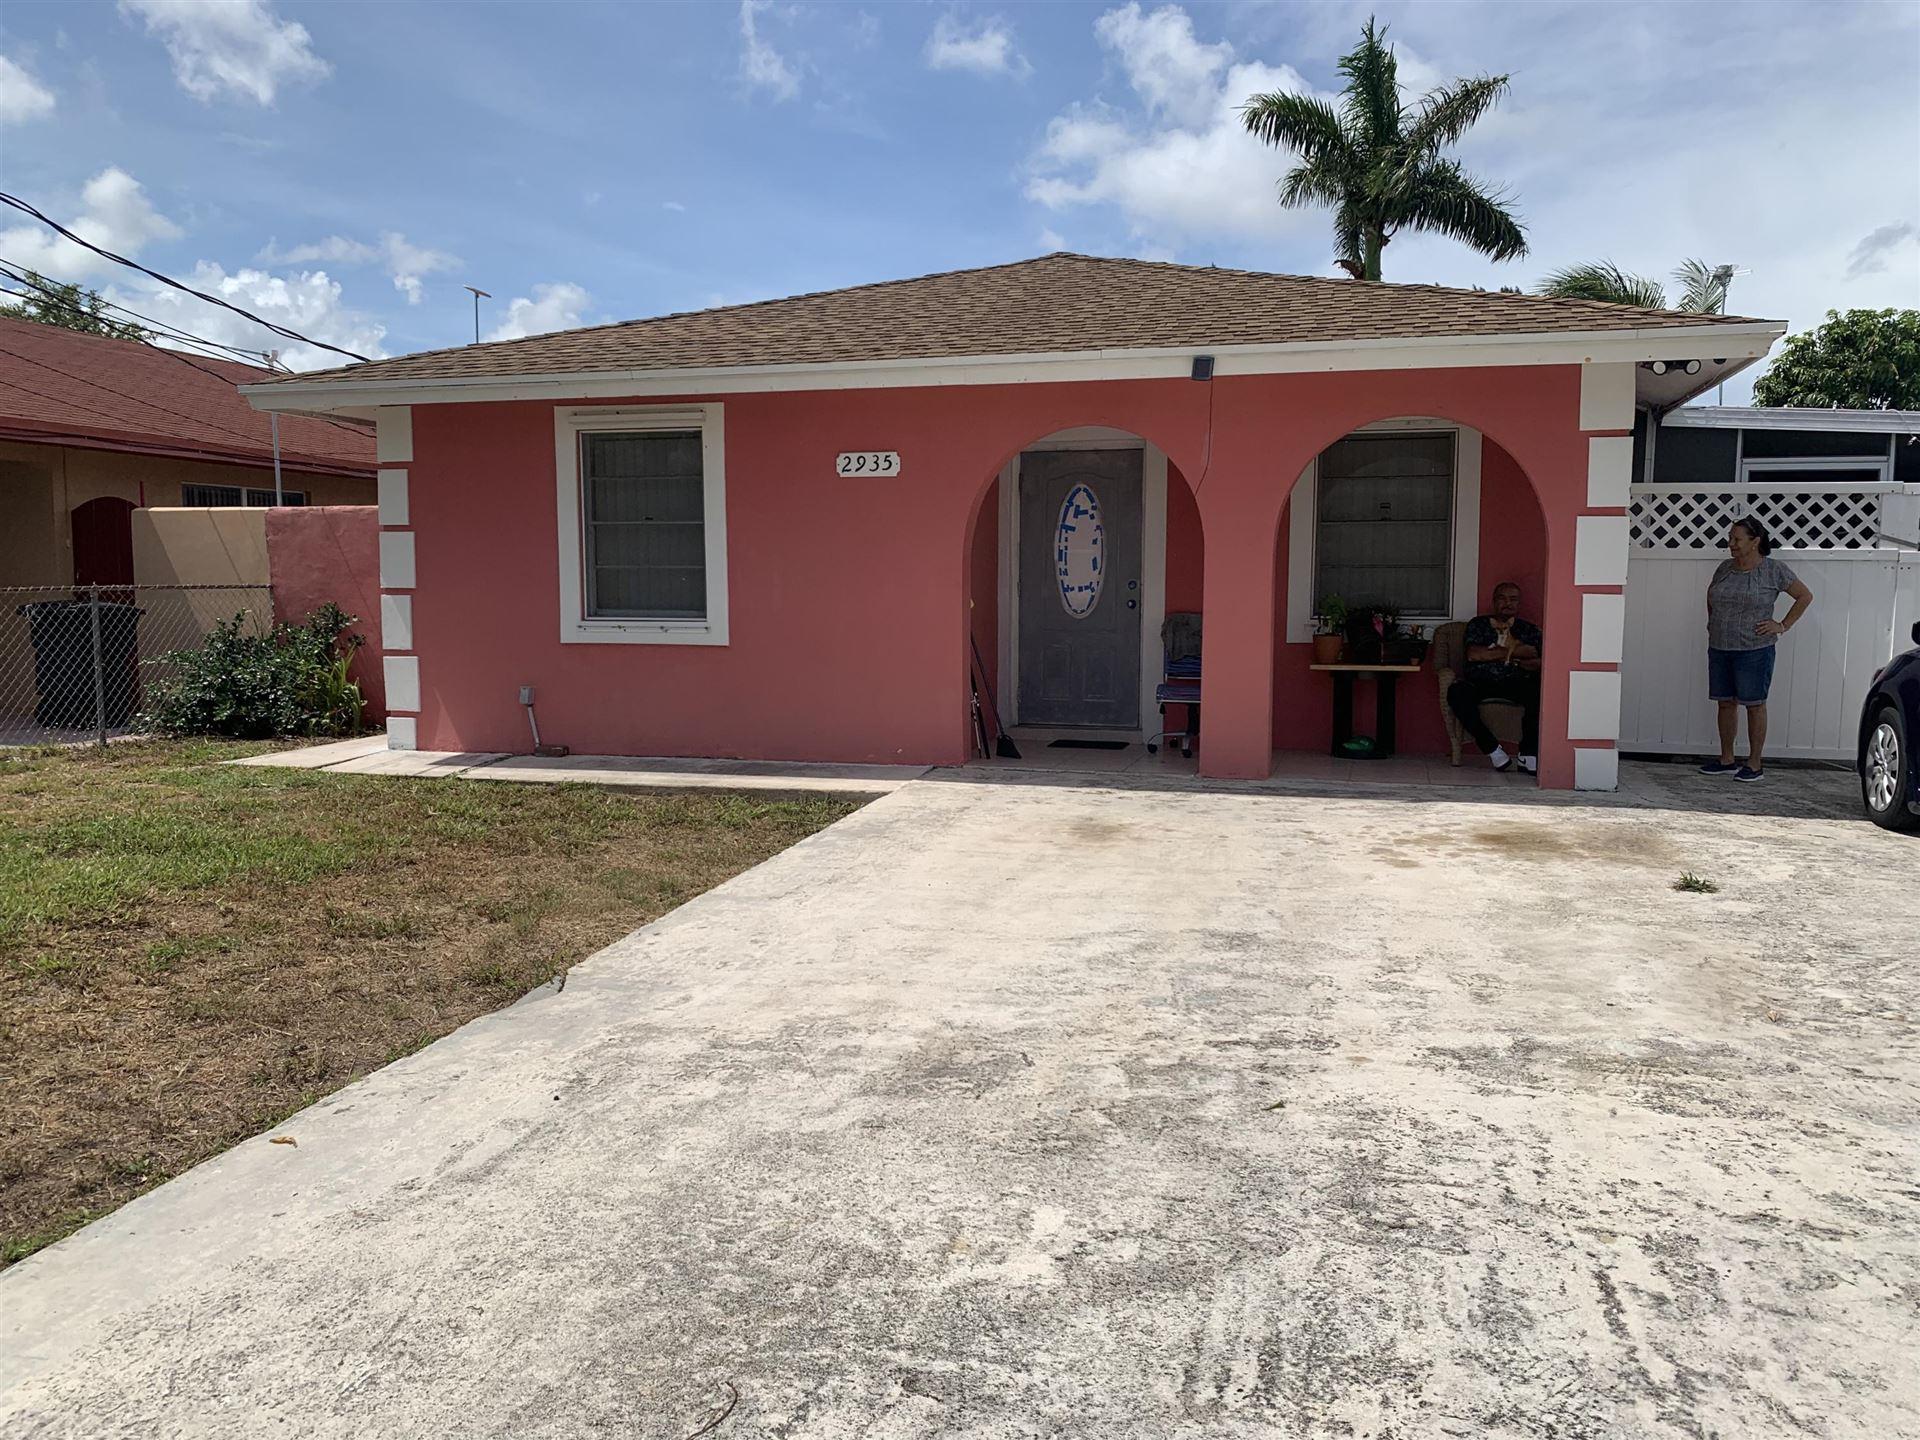 2935 Alabama Street, West Palm Beach, FL 33406 - #: RX-10721139